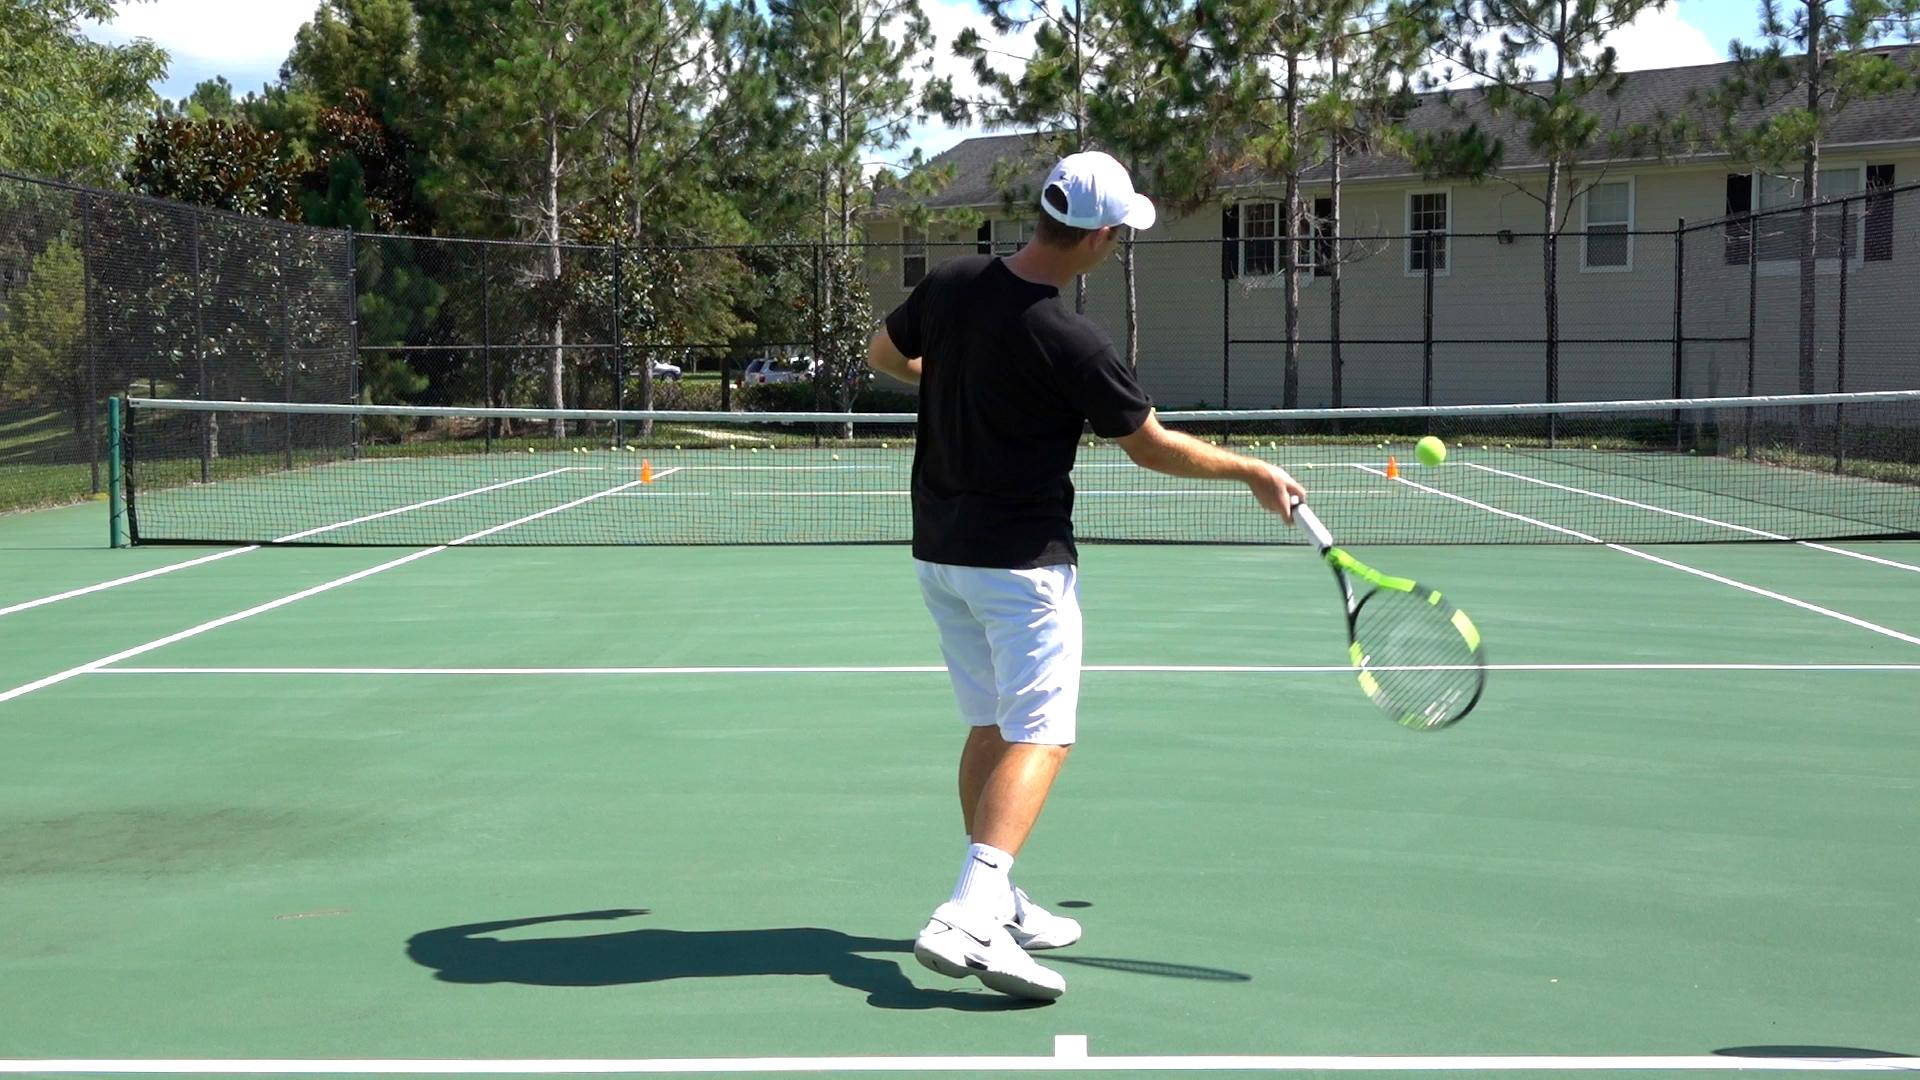 Vorhand Tennis